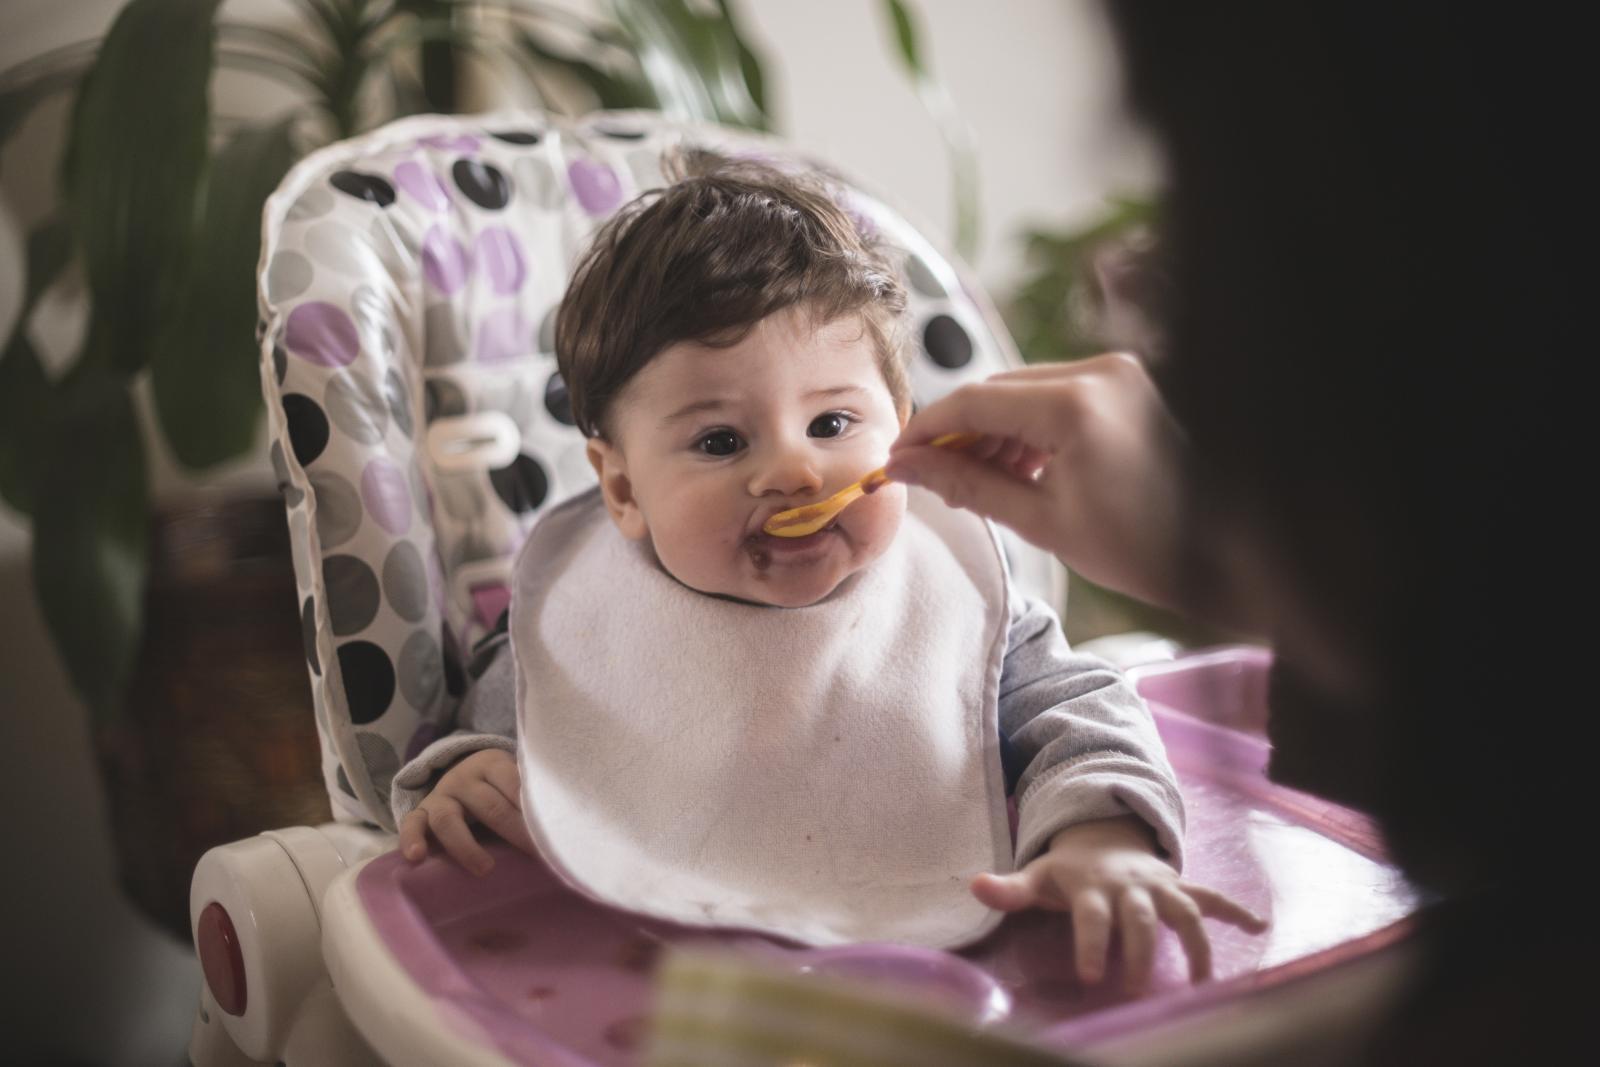 Zabrinjava istraživanje koje je pokazalo kako su tragovi tog metala u mliječnim formulama za bebe premašili razinu koja je po zakonu dopuštena u vodi za piće...